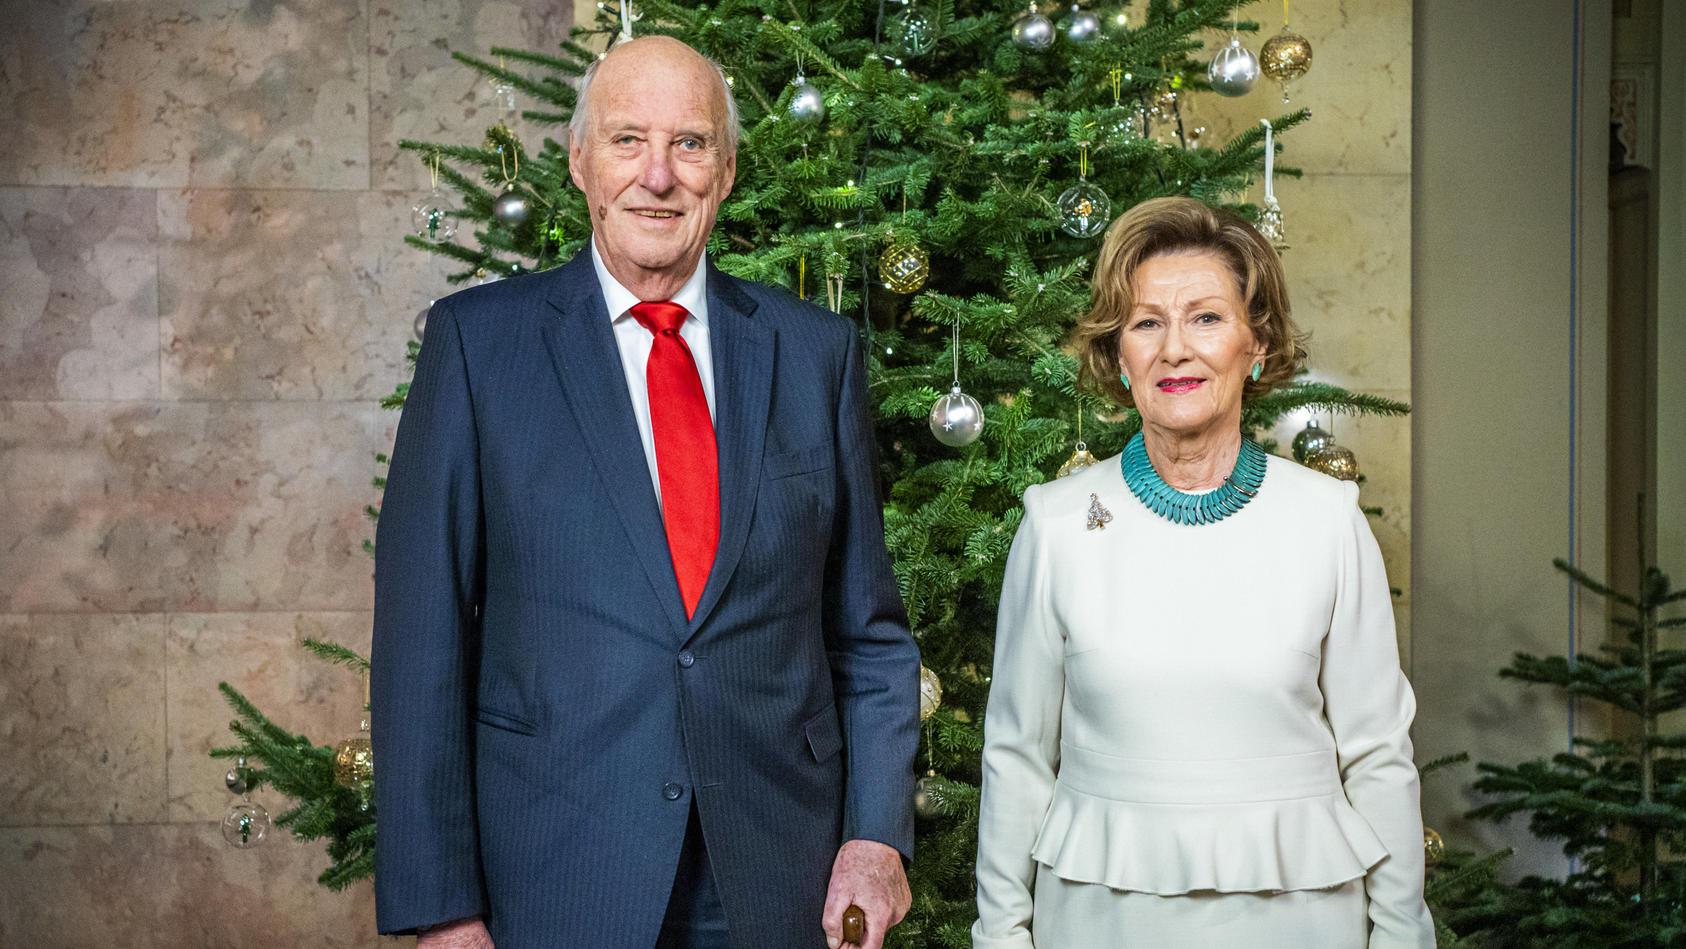 Weihnachtsbilder der norwegischen Königsfamilie